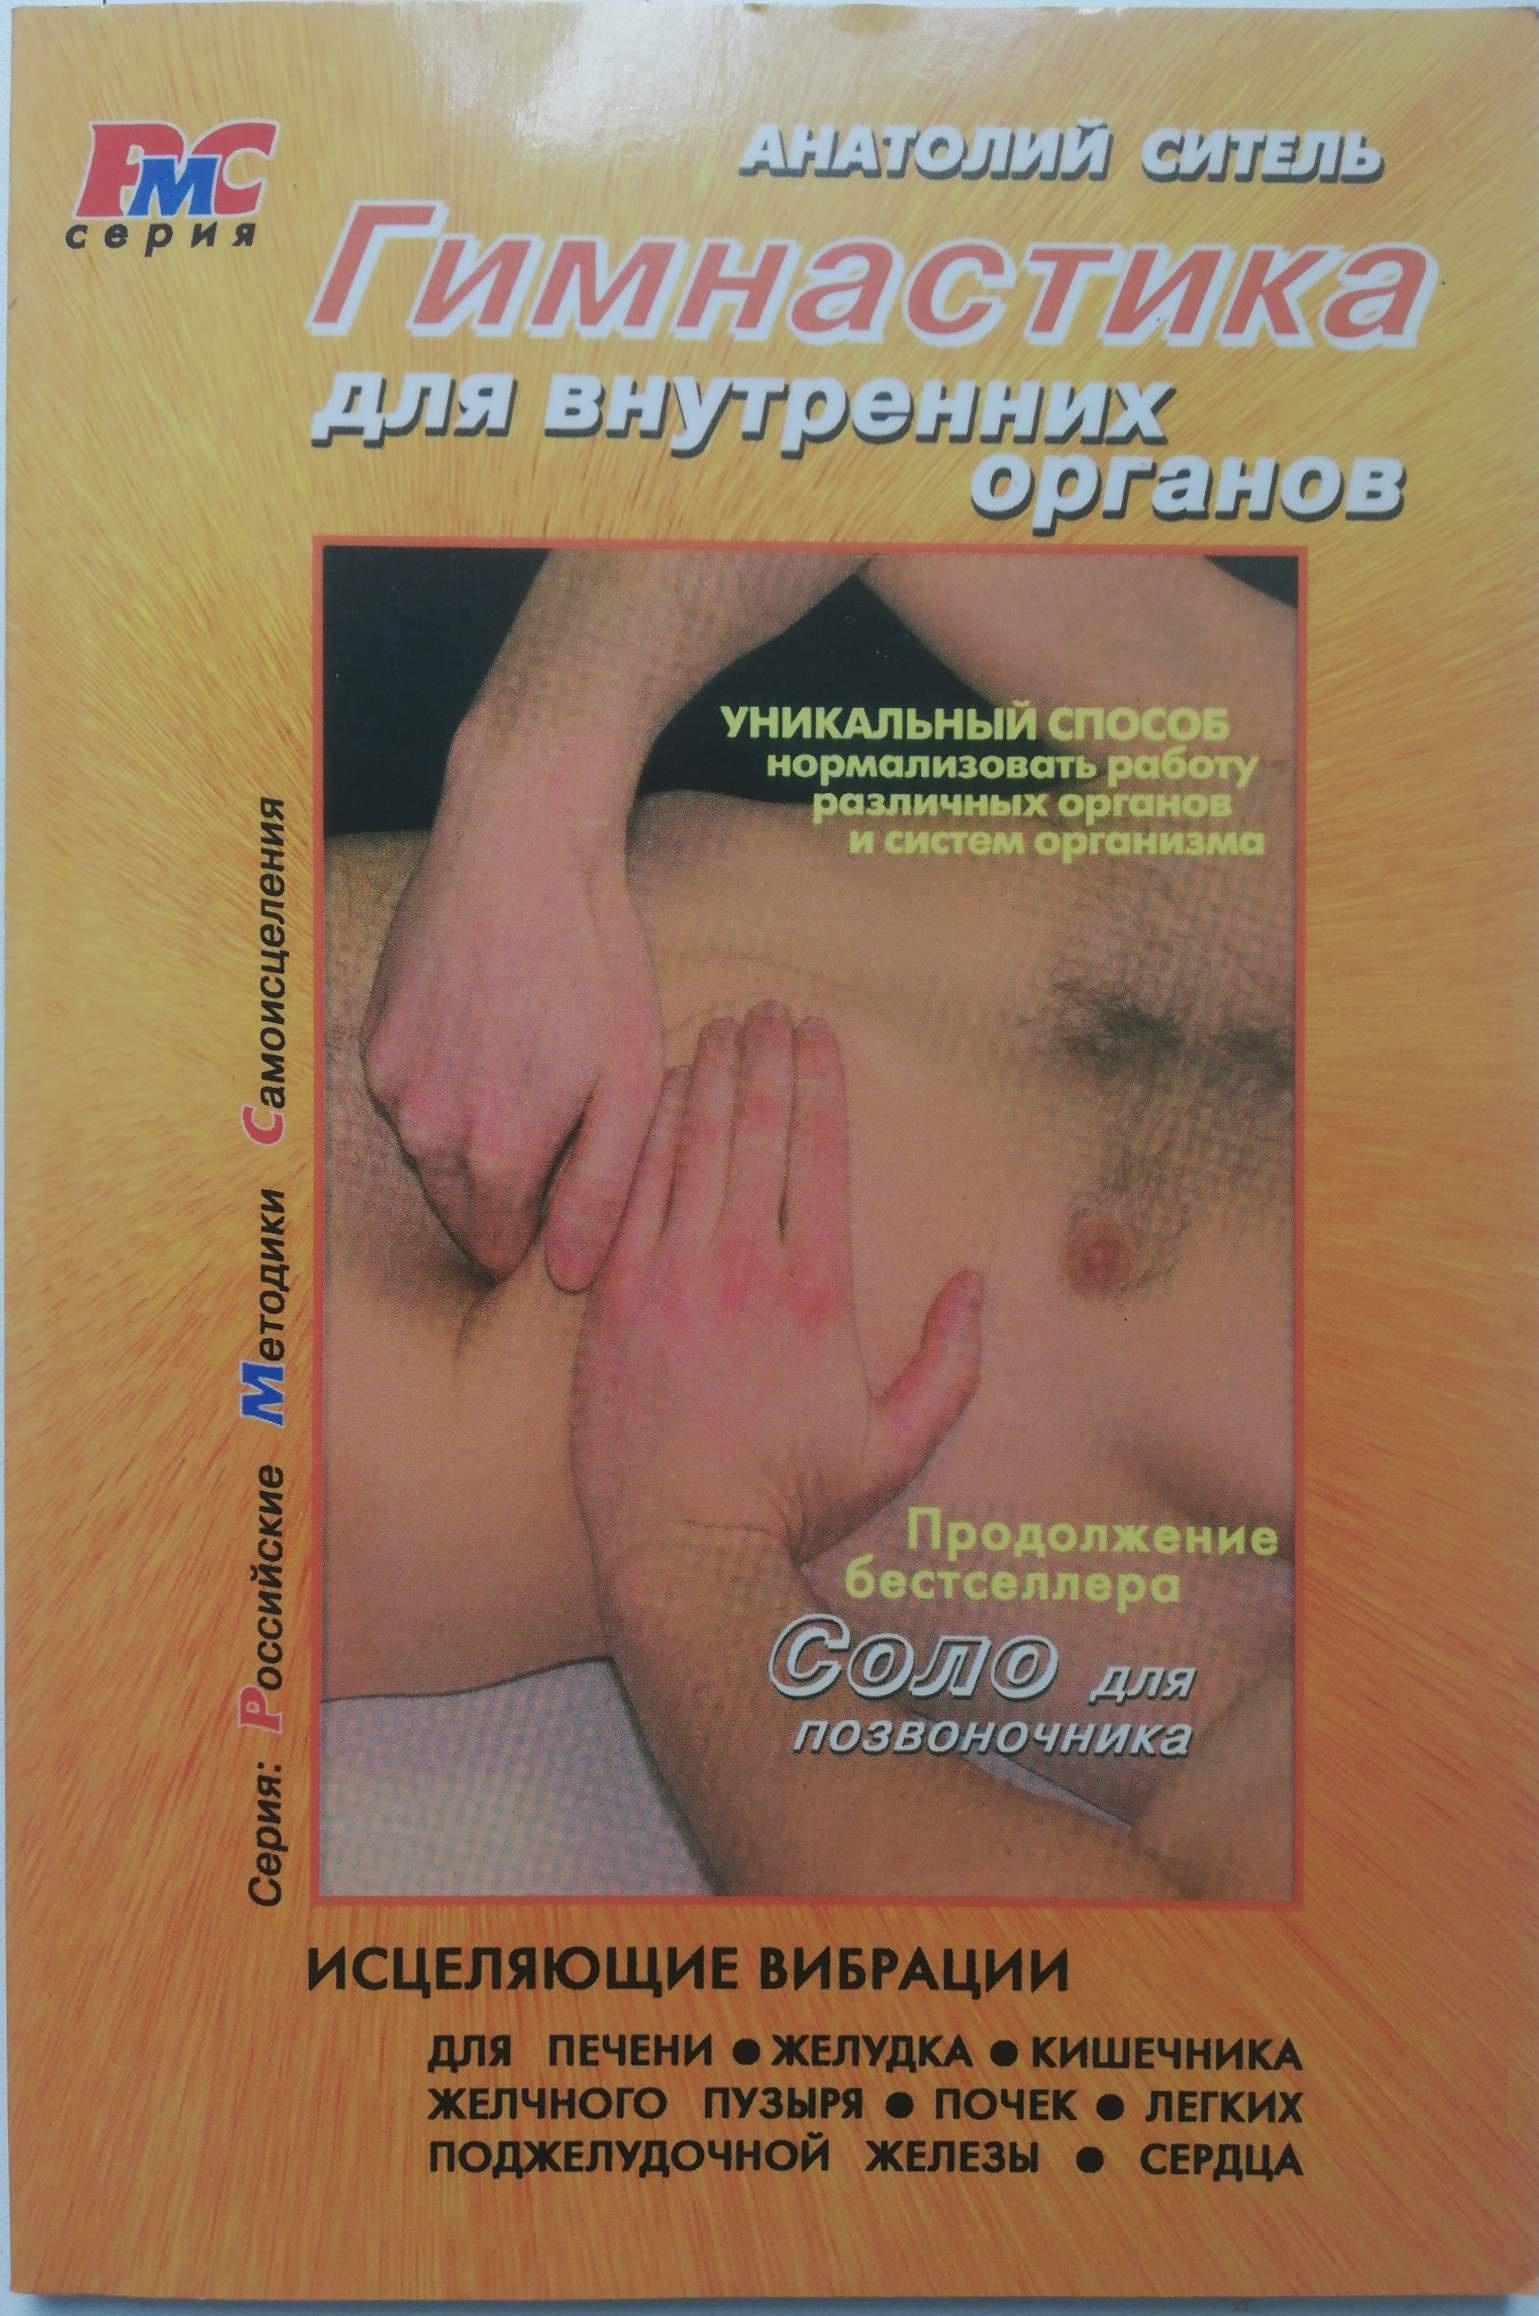 А. Ситель Гимнастика для внутренних органов котешева и а гимнастика для женщин